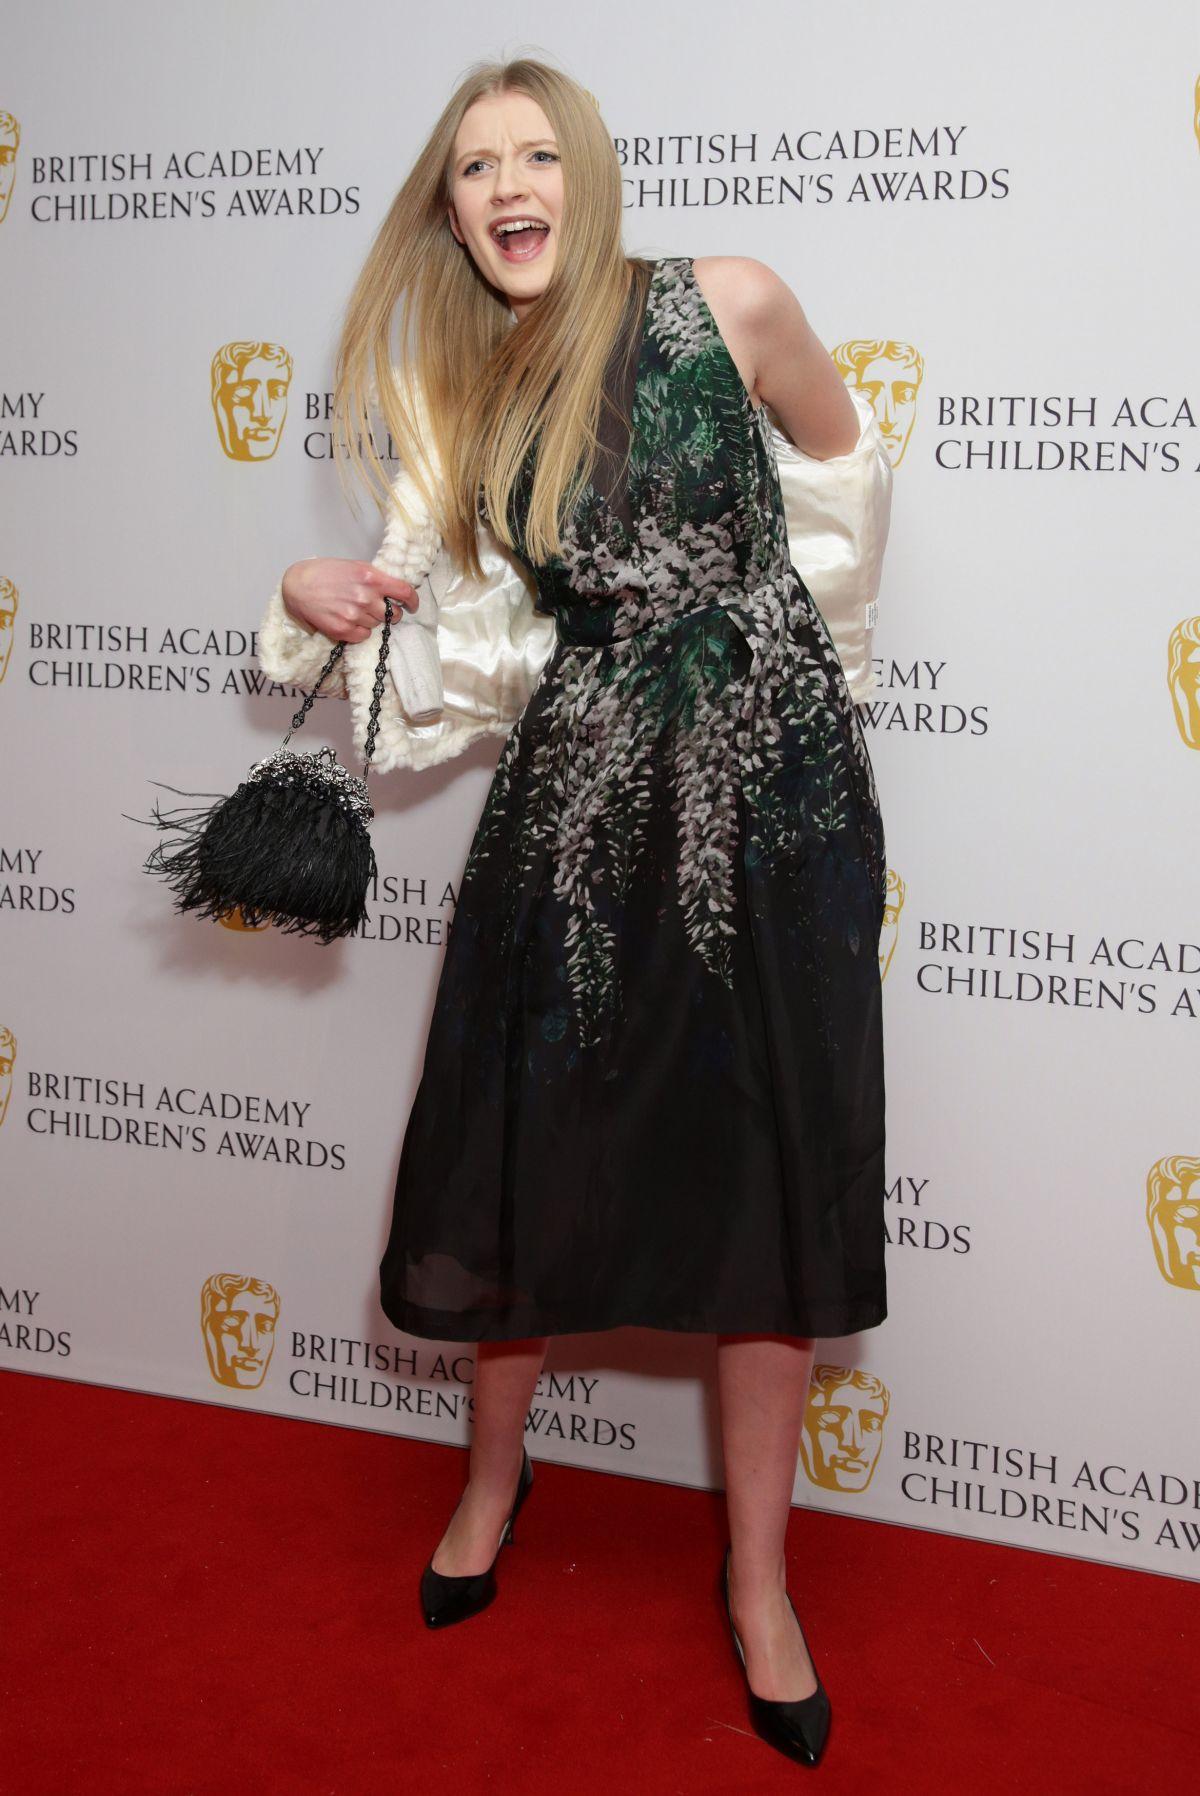 POPPY LEE FRIAR at 20th British Academy Children